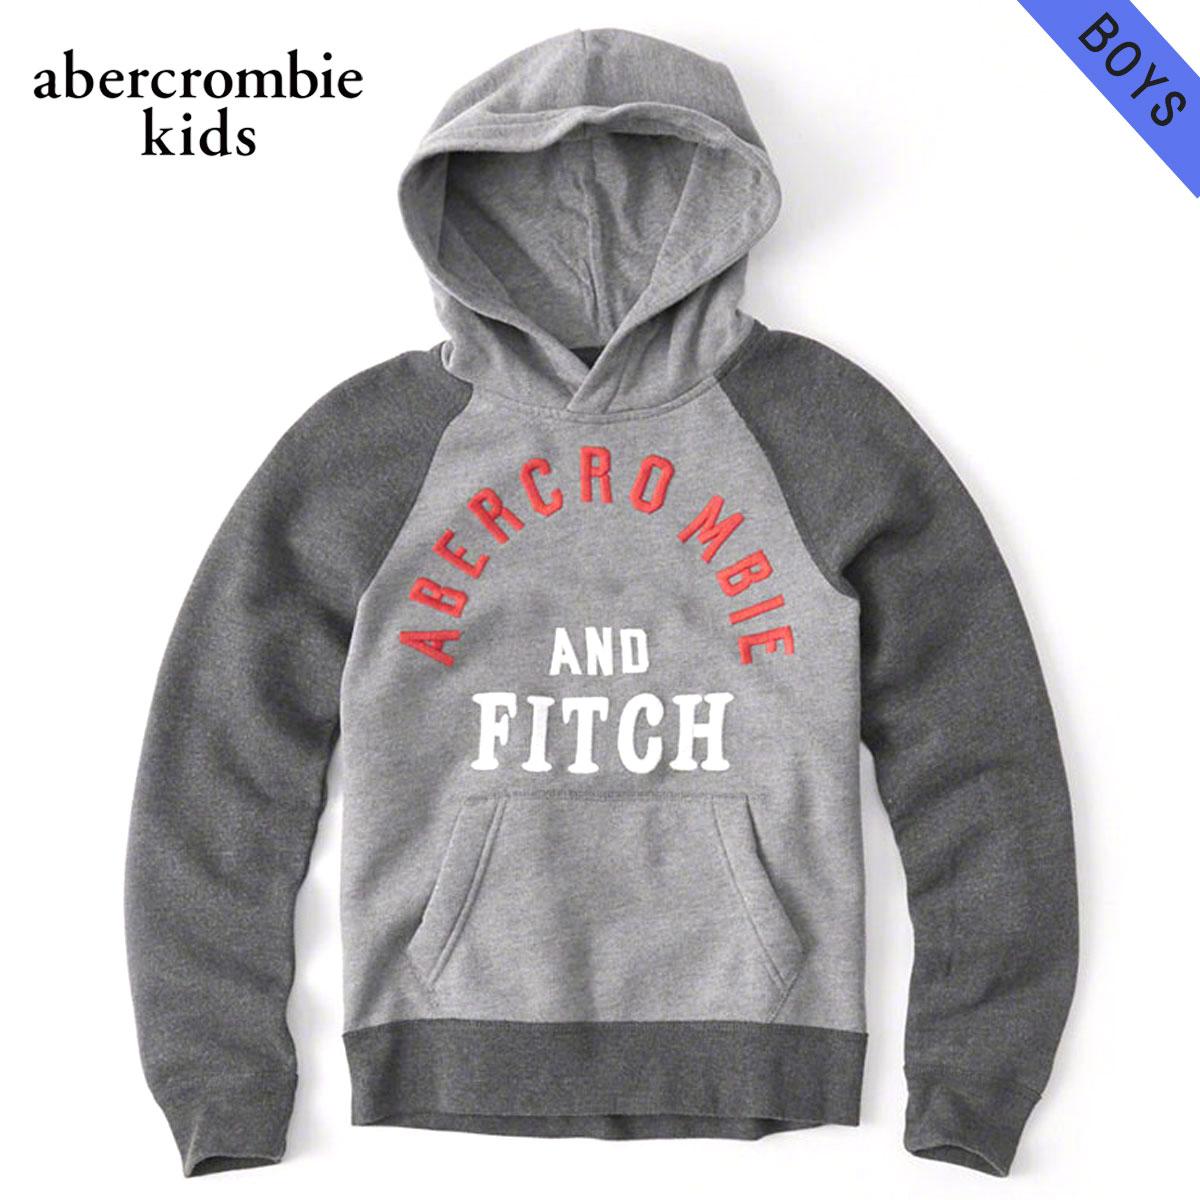 トップス, パーカー  AbercrombieKids logo graphic hoodie 222-628-0027-012